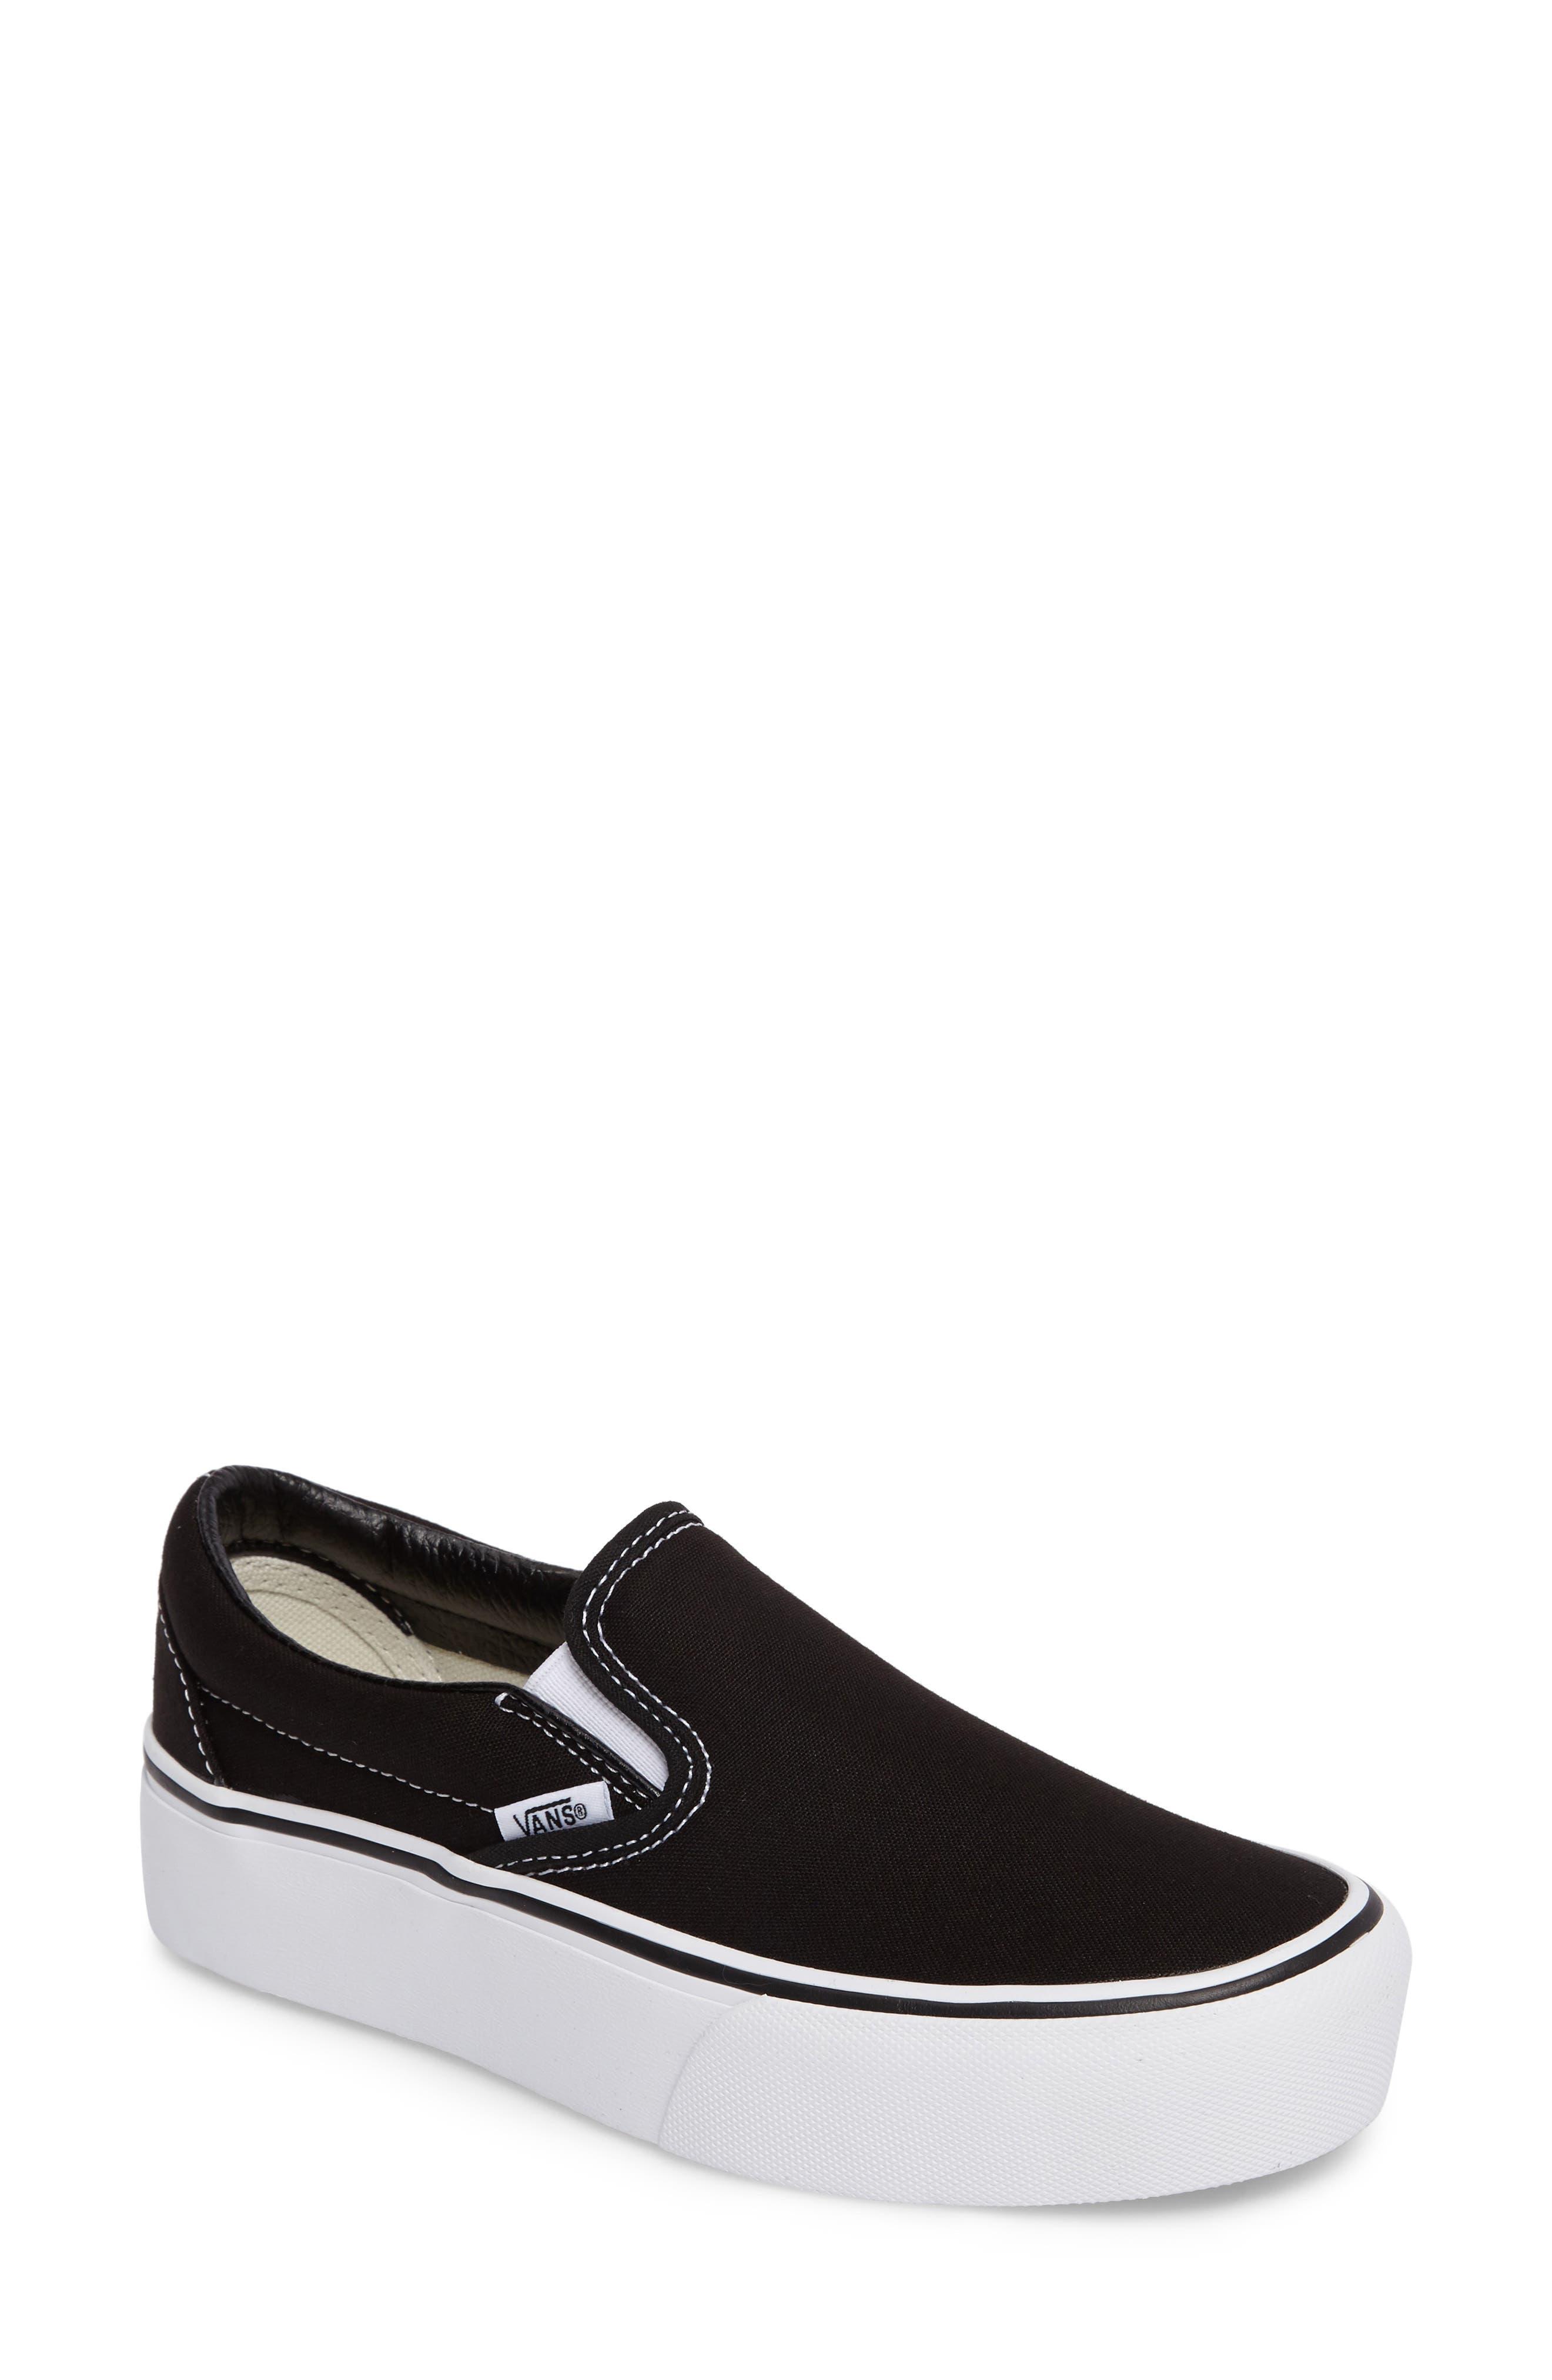 VANS, Platform Slip-On Sneaker, Main thumbnail 1, color, BLACK/ WHITE